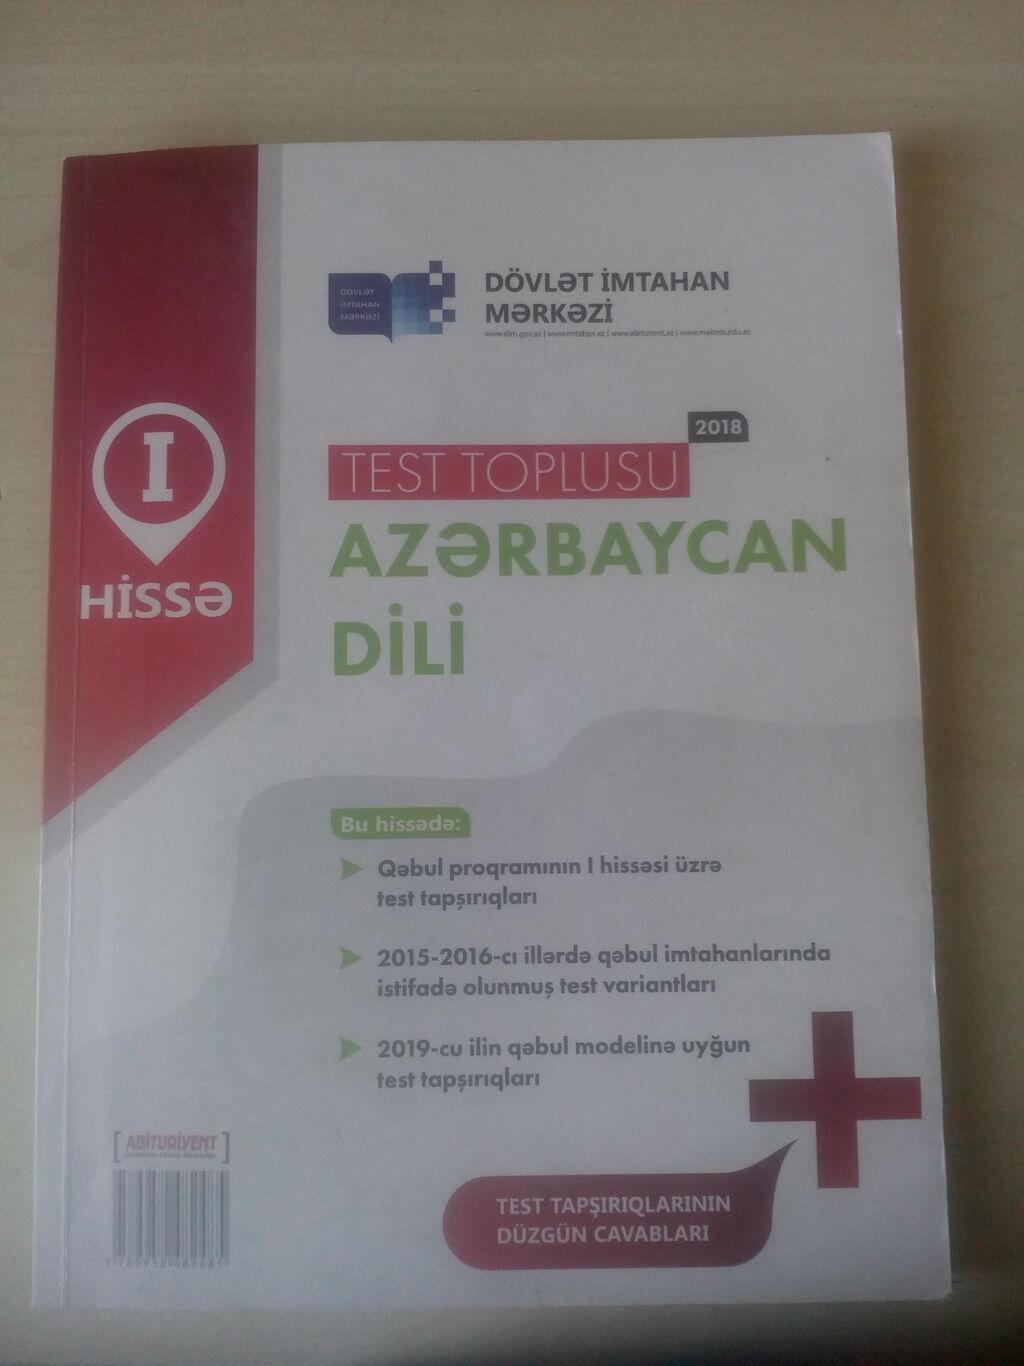 Azerbaycan Dili Test Toplusu 1 Ci Hisse Cavablari Azərbaycan Dili Test Toplusu